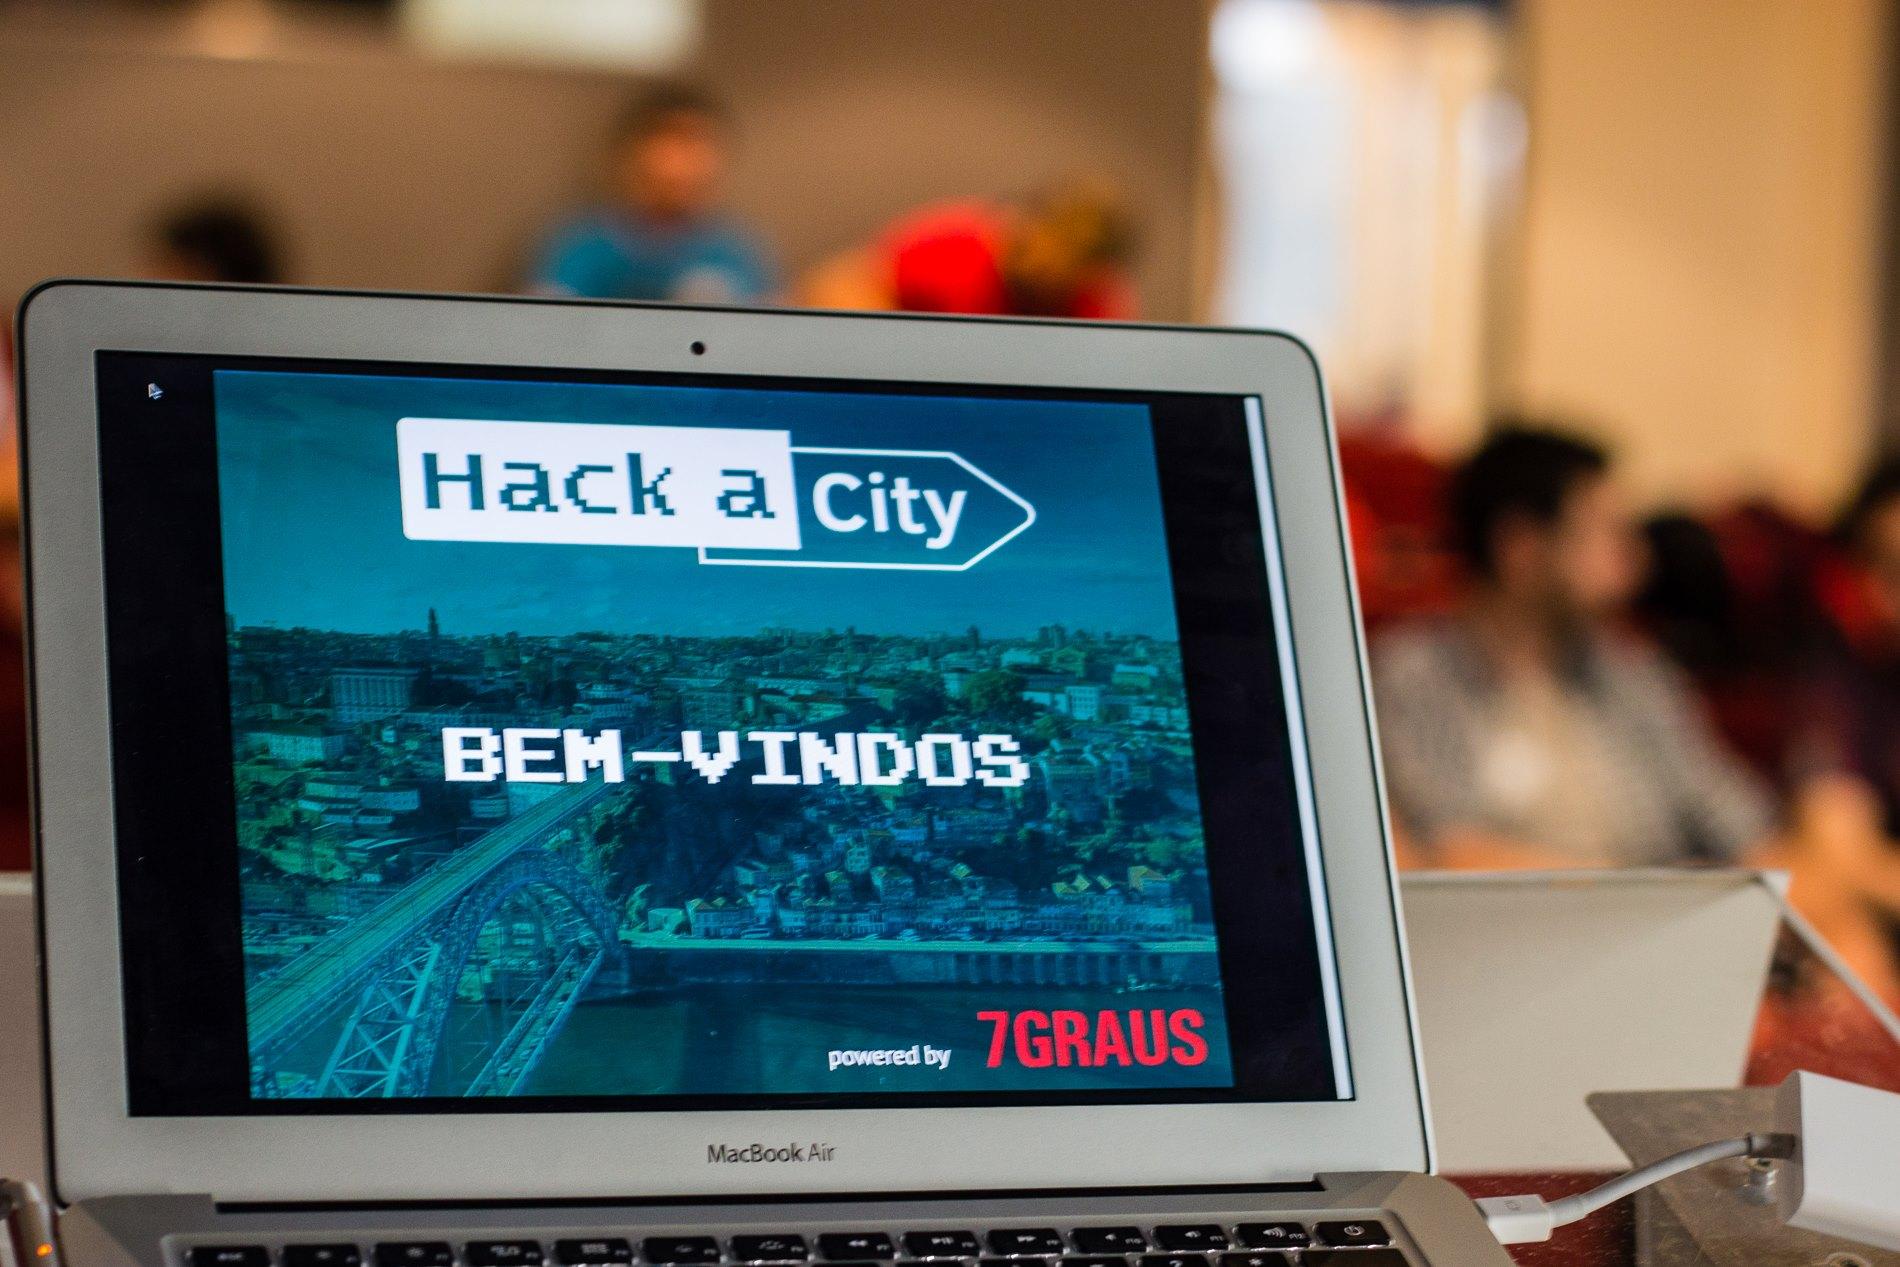 hackacity